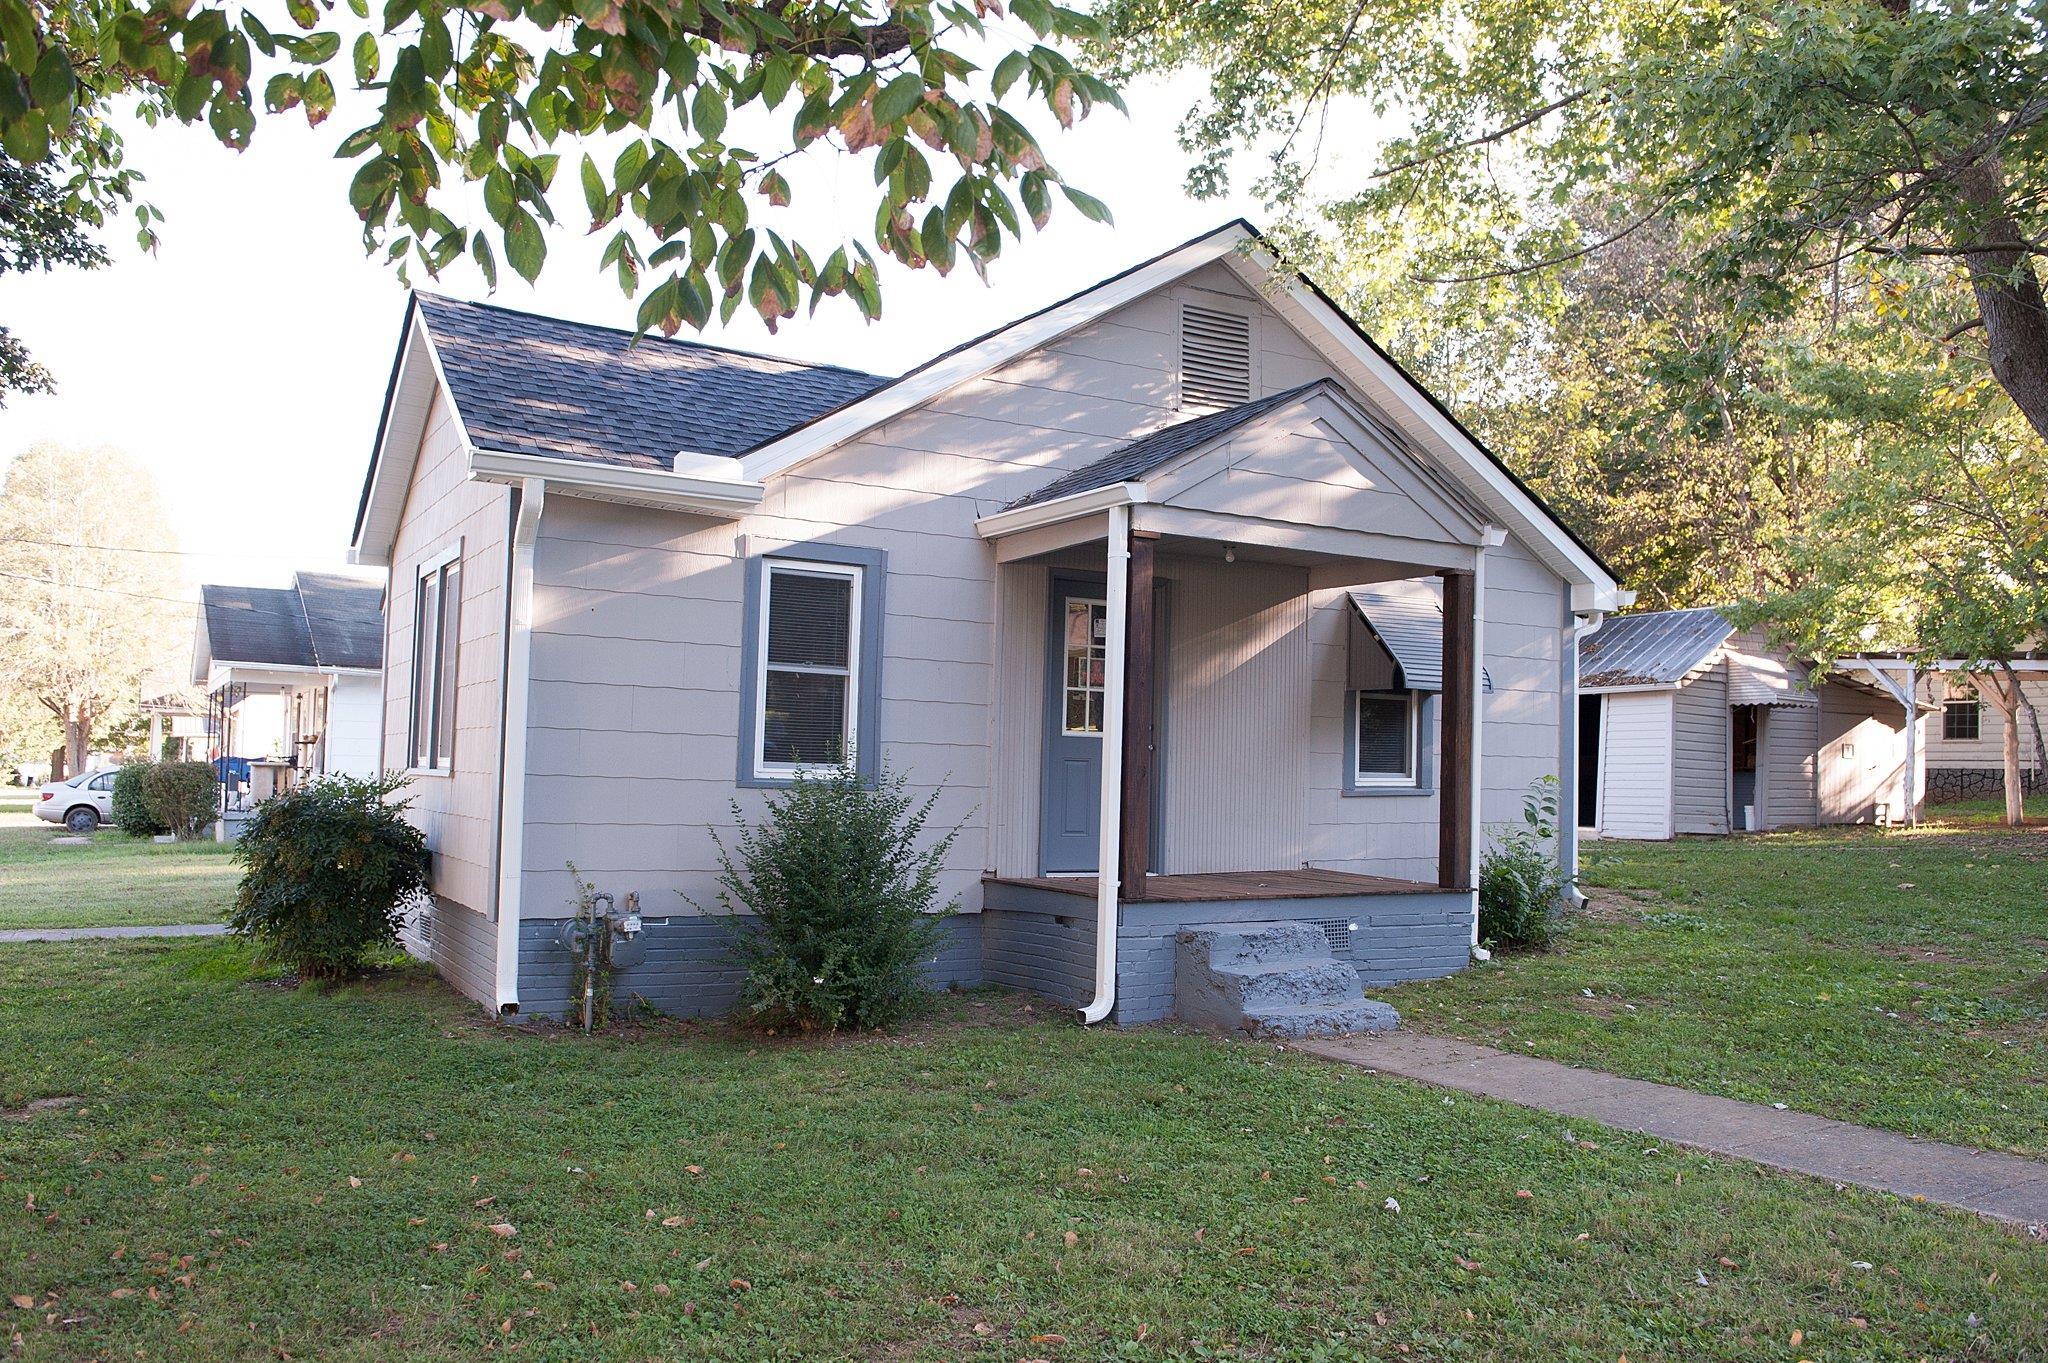 Photo of 115 Myers St  Shelbyville  TN